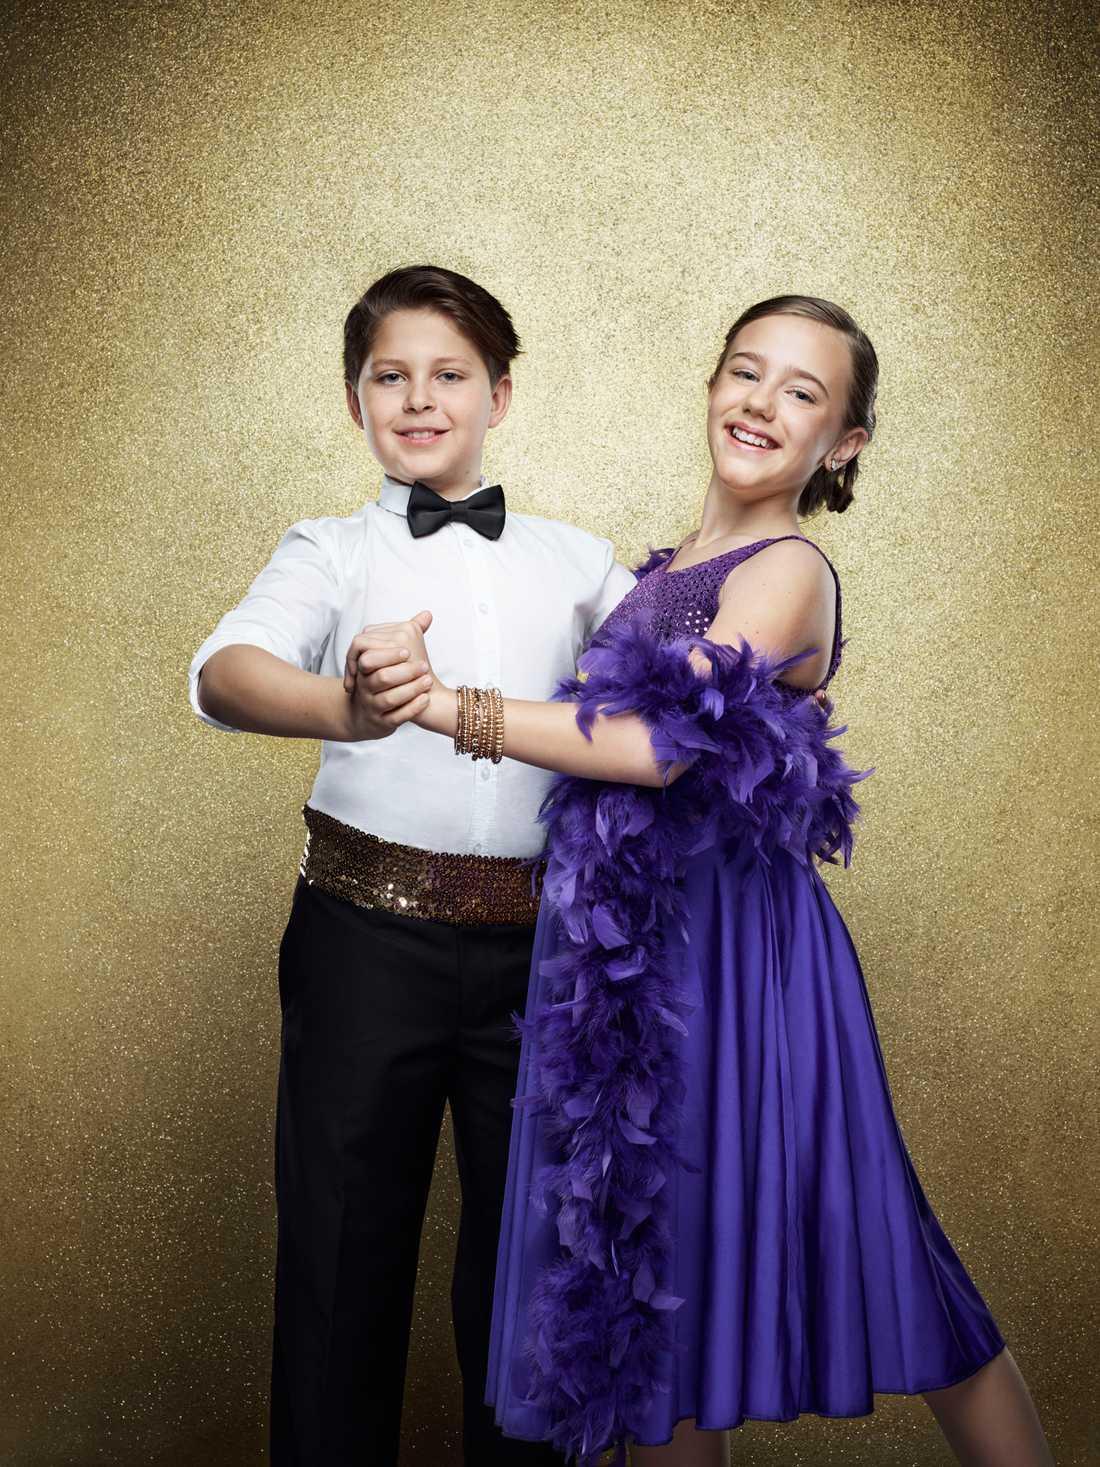 Ida Hedlund Stenmarck, 11 år. Martin Stenmarcks och Hanna Hedlunds dotter och dansar med Josef Hatem Lindkvist.